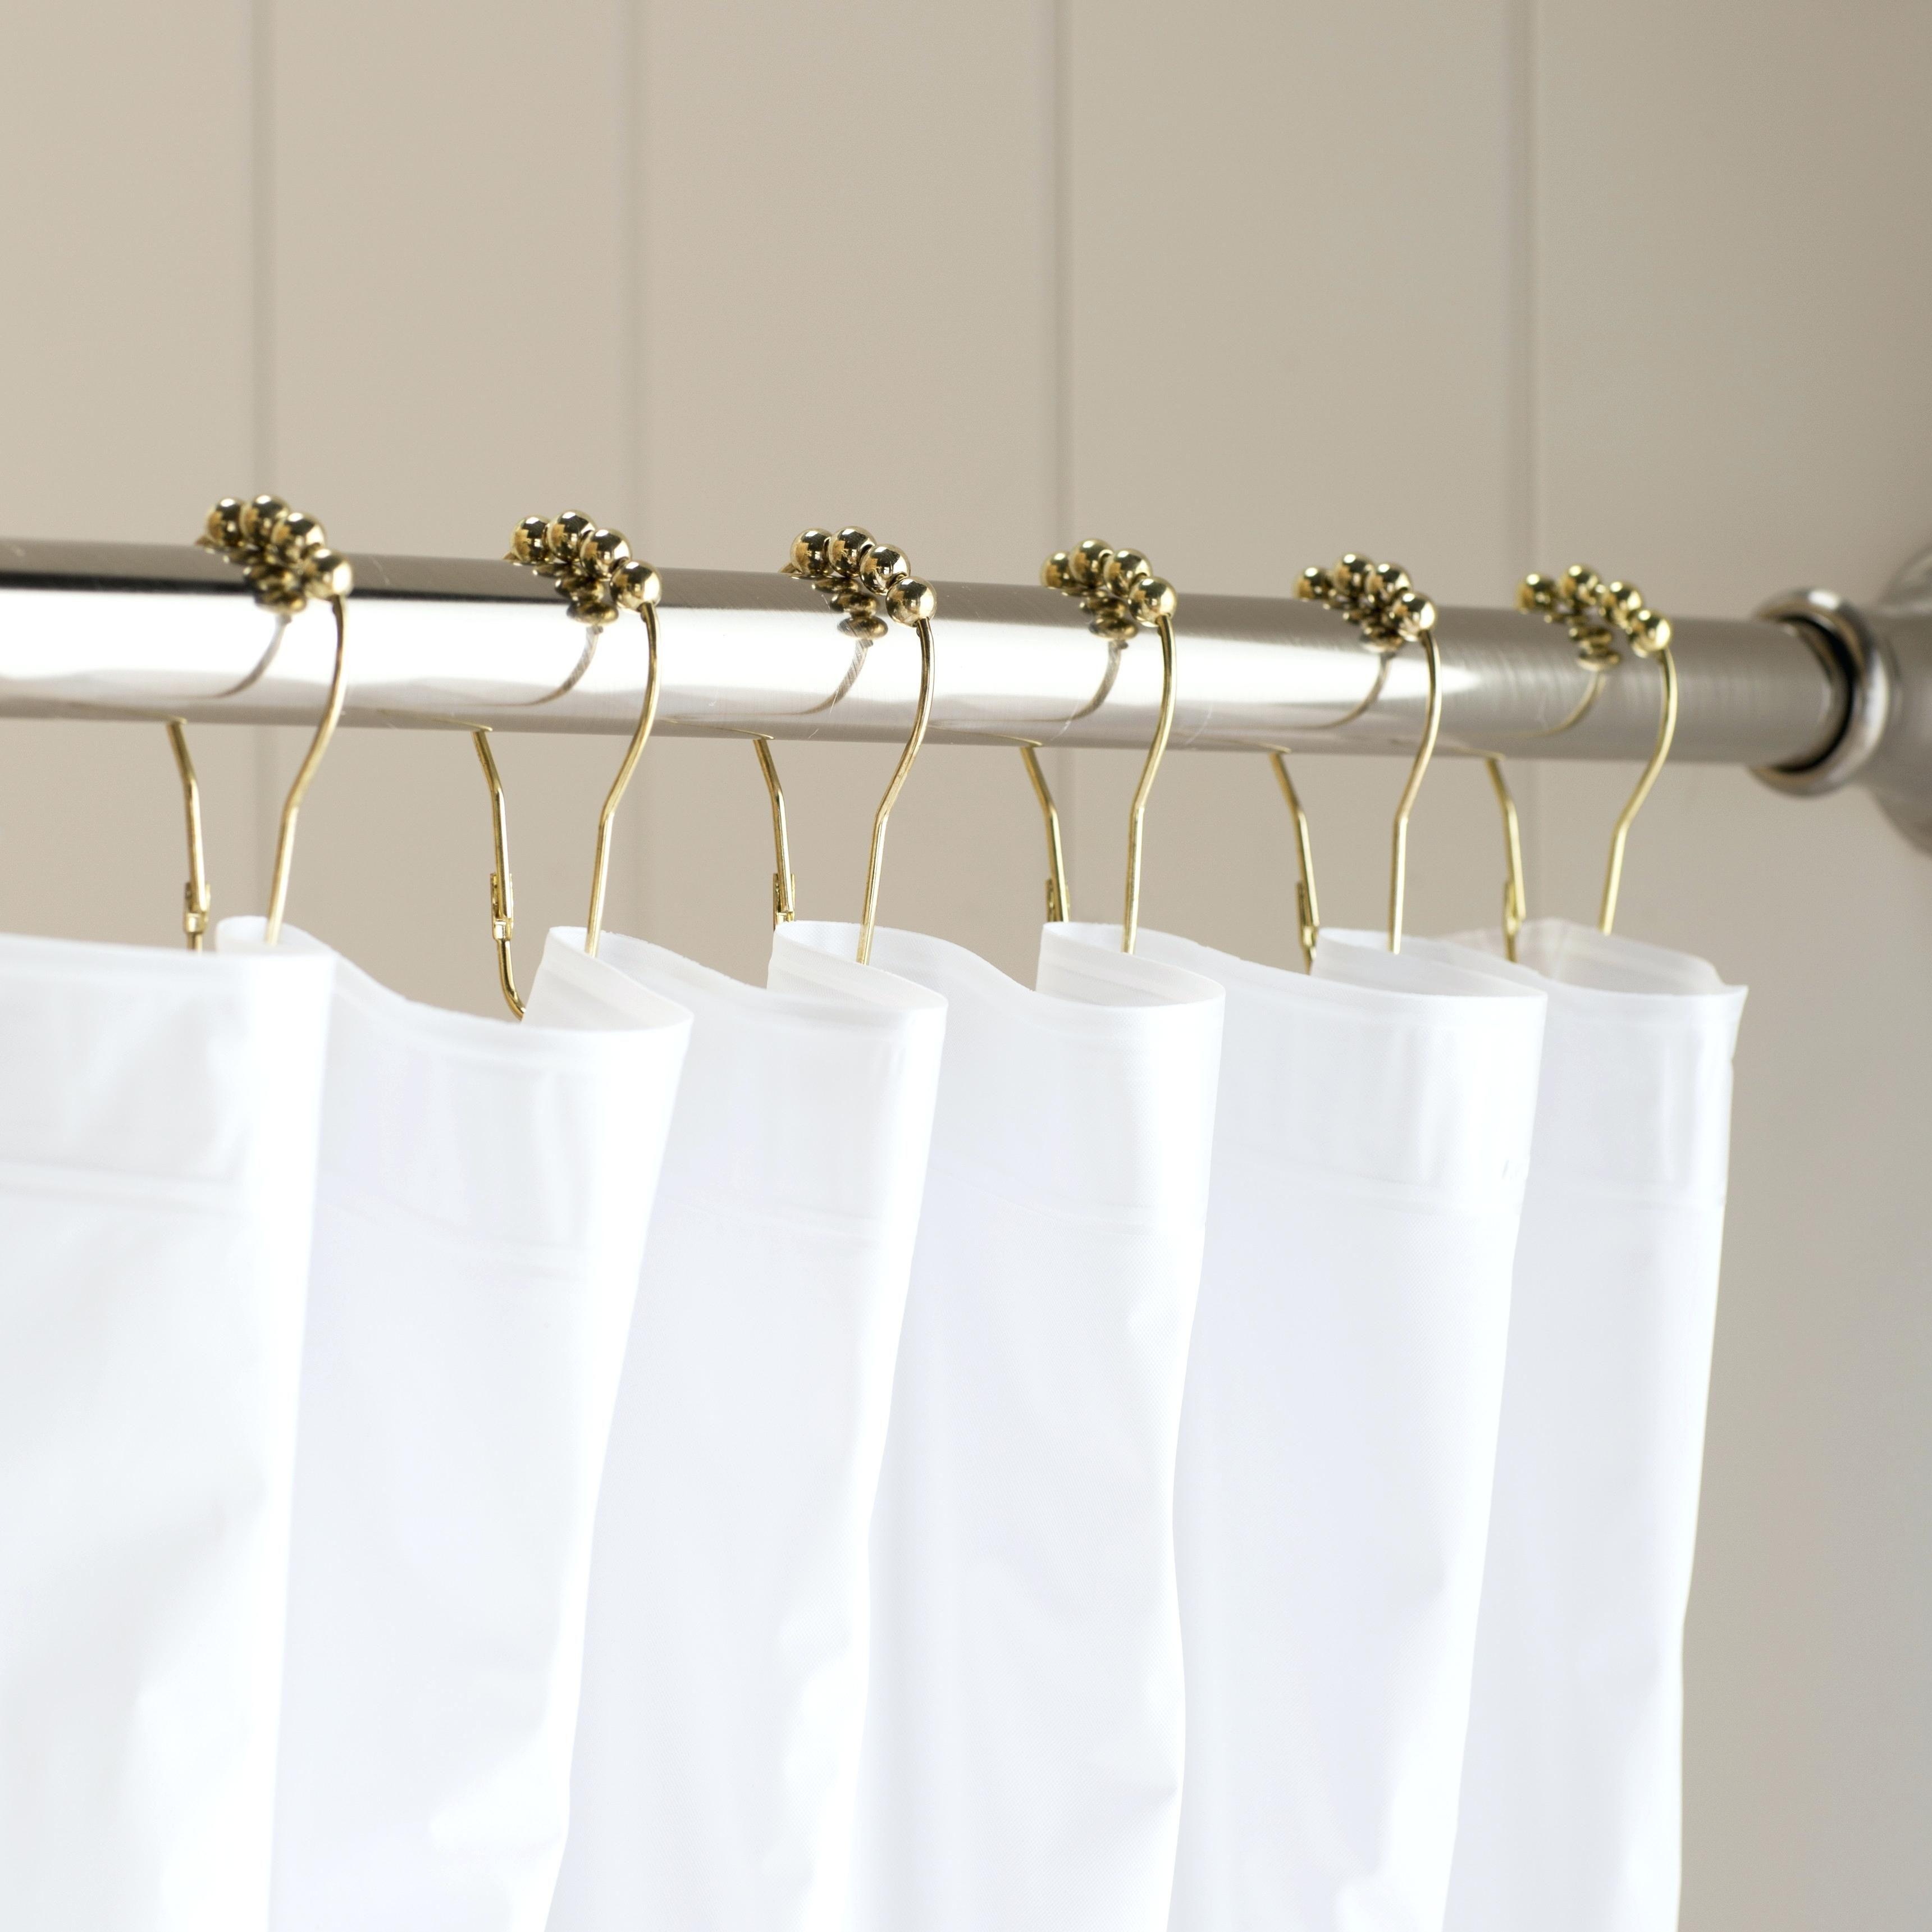 Creme Vorhange Mahagoni Vorhang Ringe Kleine Kunststoff Ringe Fur